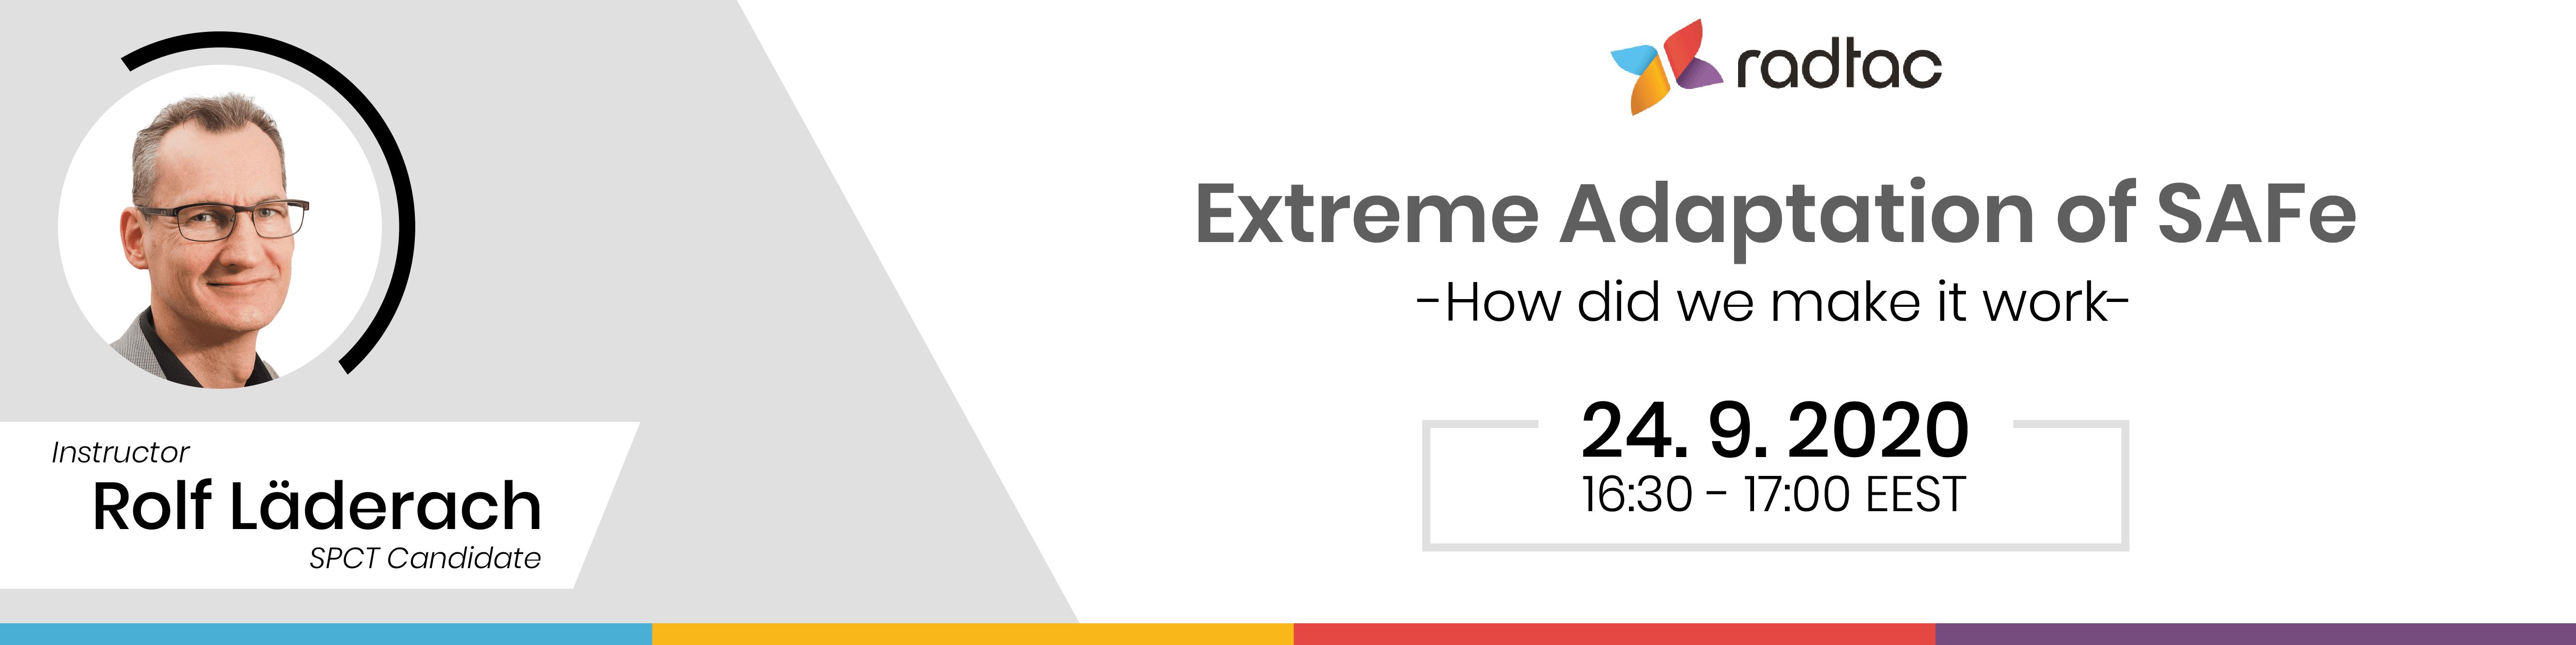 Extreme Adaptation of SAFe - Make your SAFe implementation work!